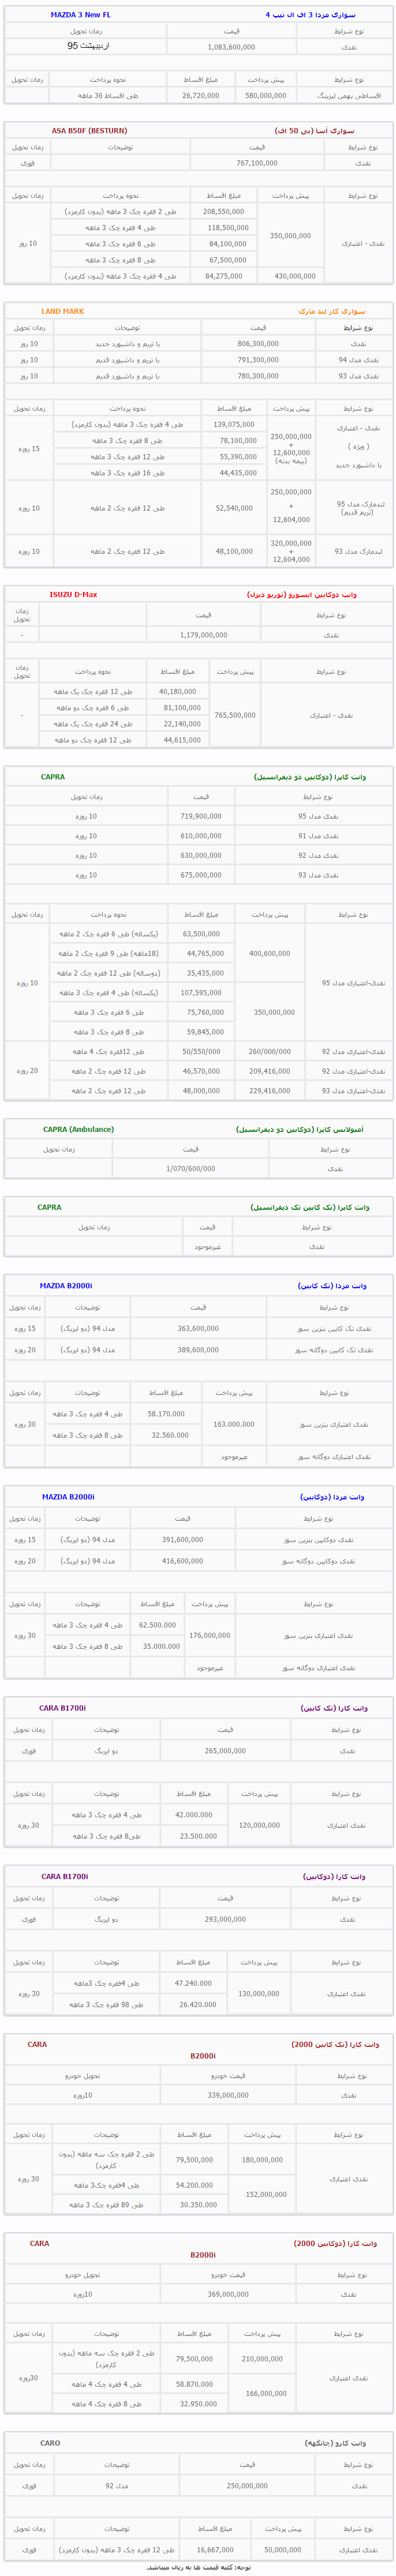 فروش نقد و اقساط محصولات گروه بهمن - اسفند ماه 94